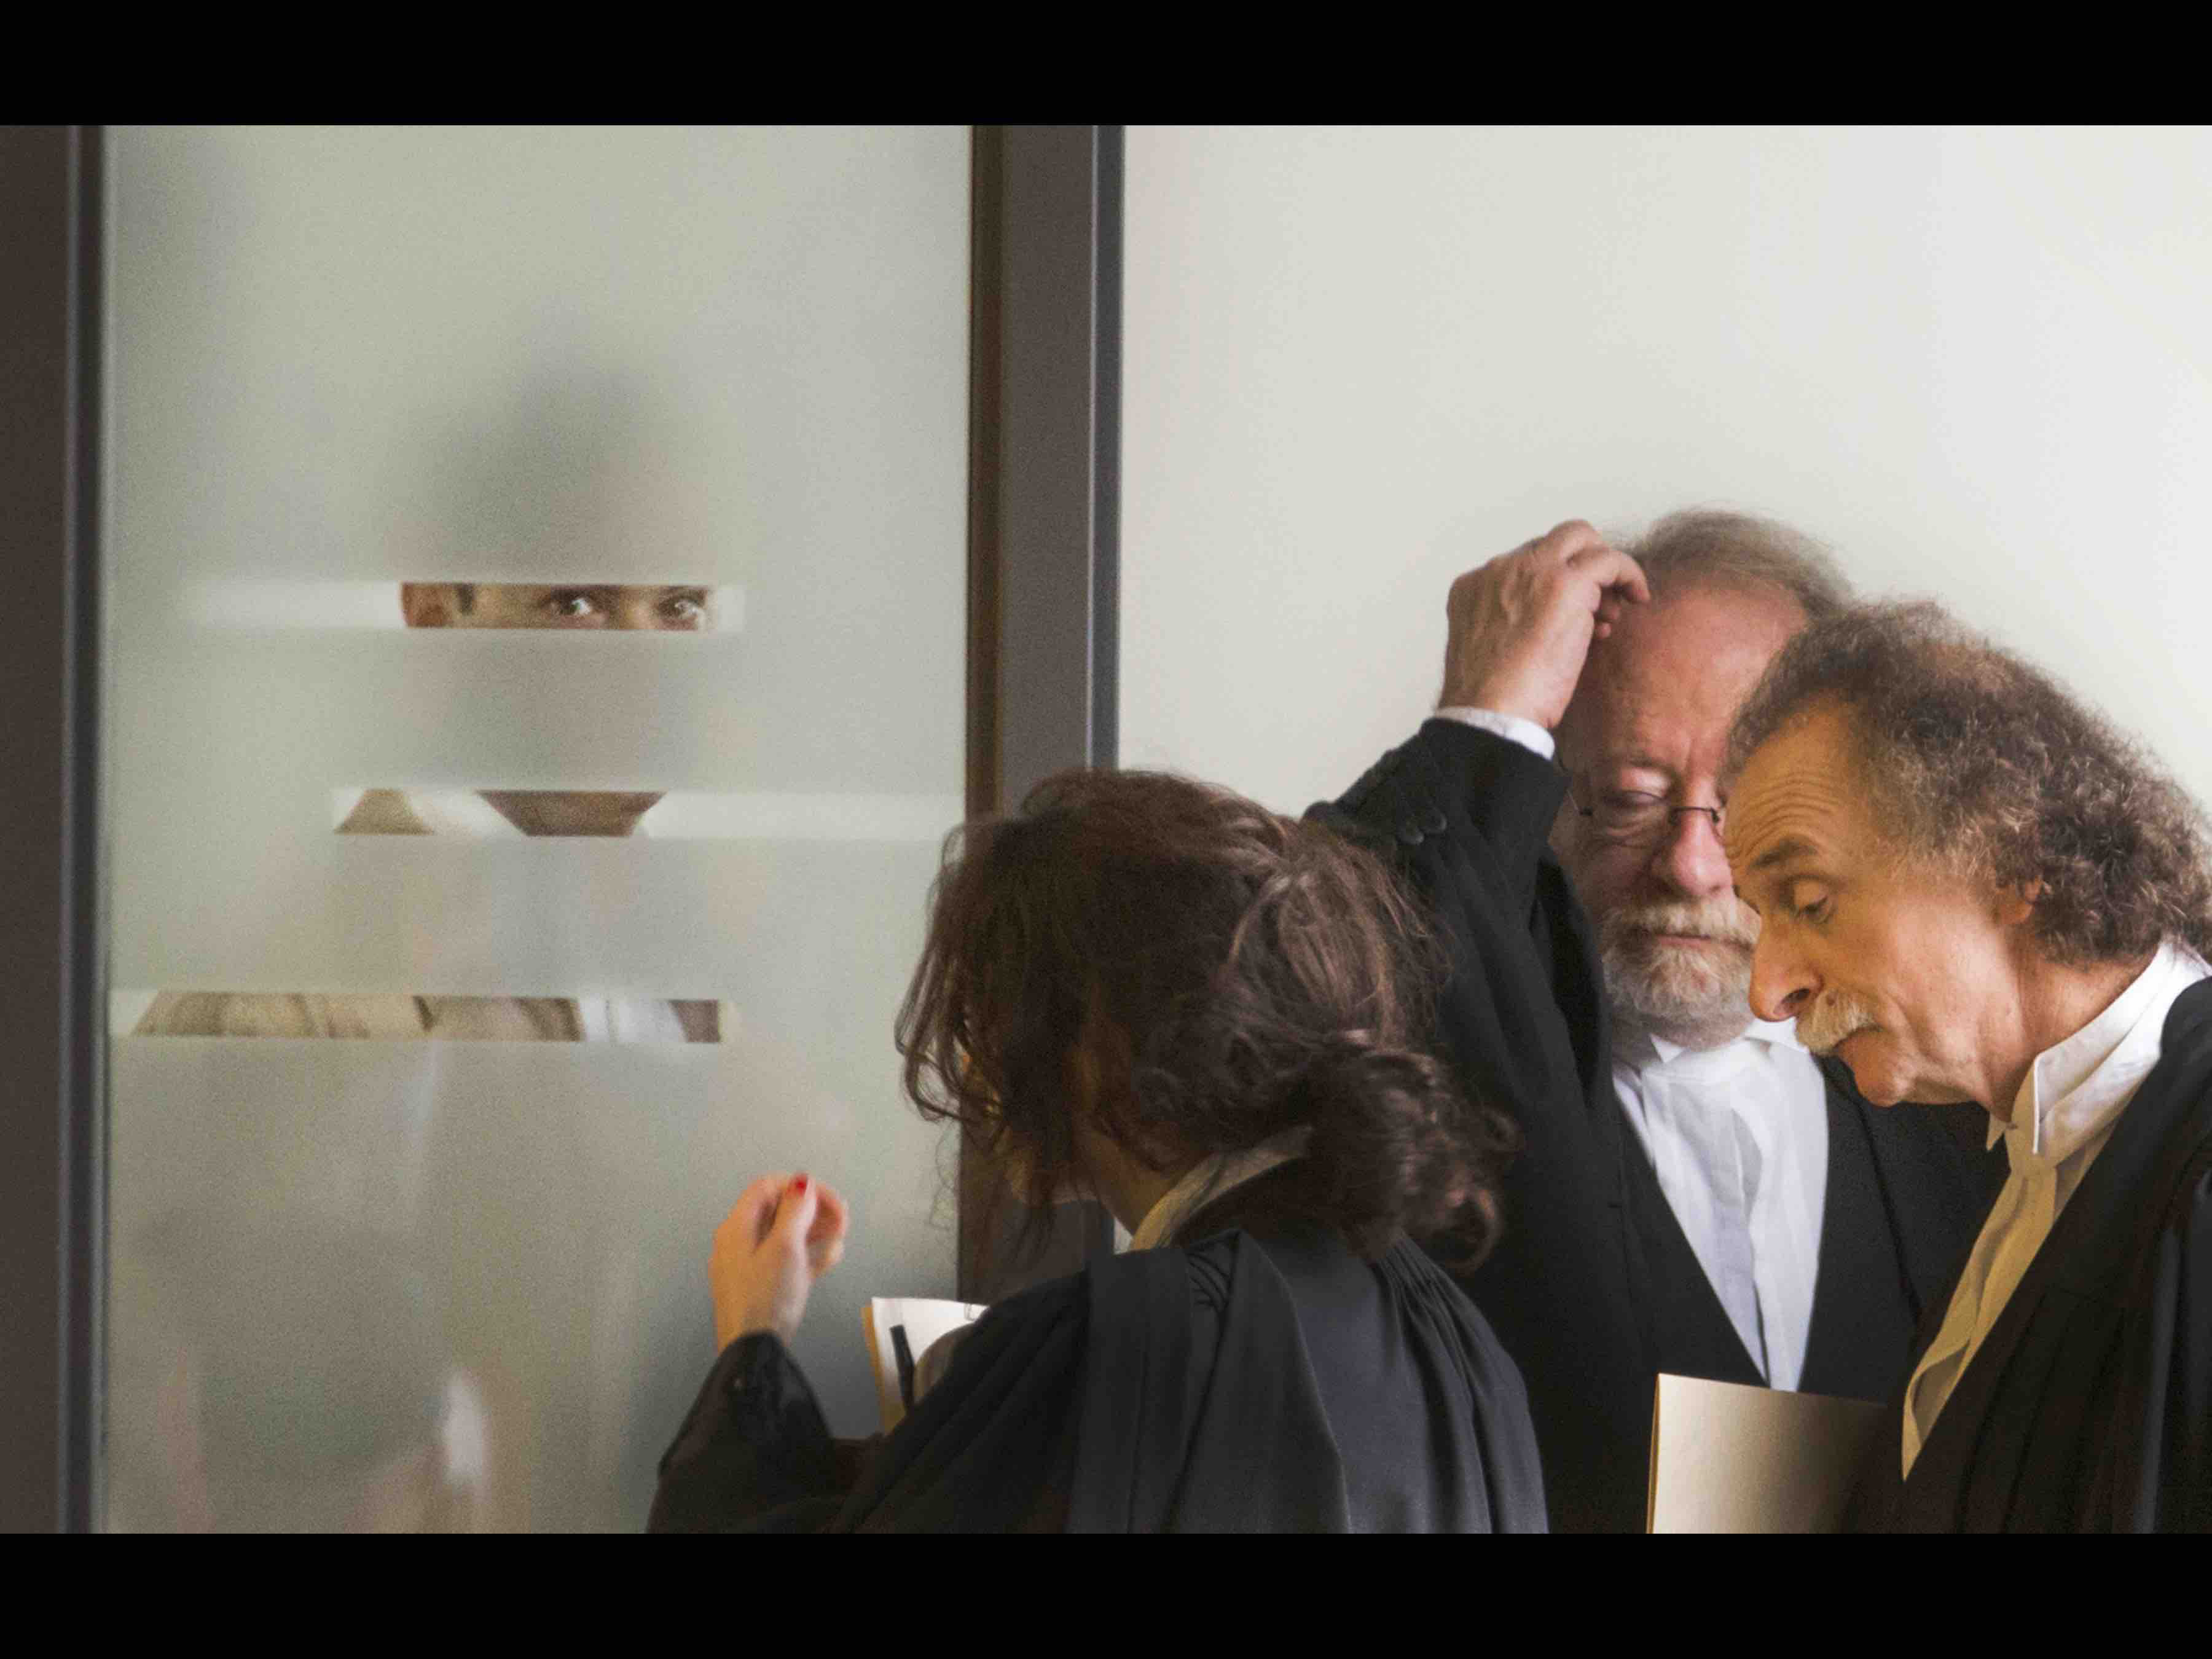 """Titre: """"Dans les yeux de Guy Turcotte"""" Catégorie: Nouvelles Deuxième procès de Guy Turcotte. Photo prise au palais de justice de Saint-Jérome, Quebec. Sur la photo: (Gauche a droite) Guy Turcotte que l'on voit ici regarder à travers une porte vitrée, était présent dans le box des accusés lors du témoignage de son ex-femme, Isabelle Gaston. Il était accompagné de nombreux avocats. 28/09/2015 le 28 Septembre, 2015 Photo pour La Presse Plus. -30"""